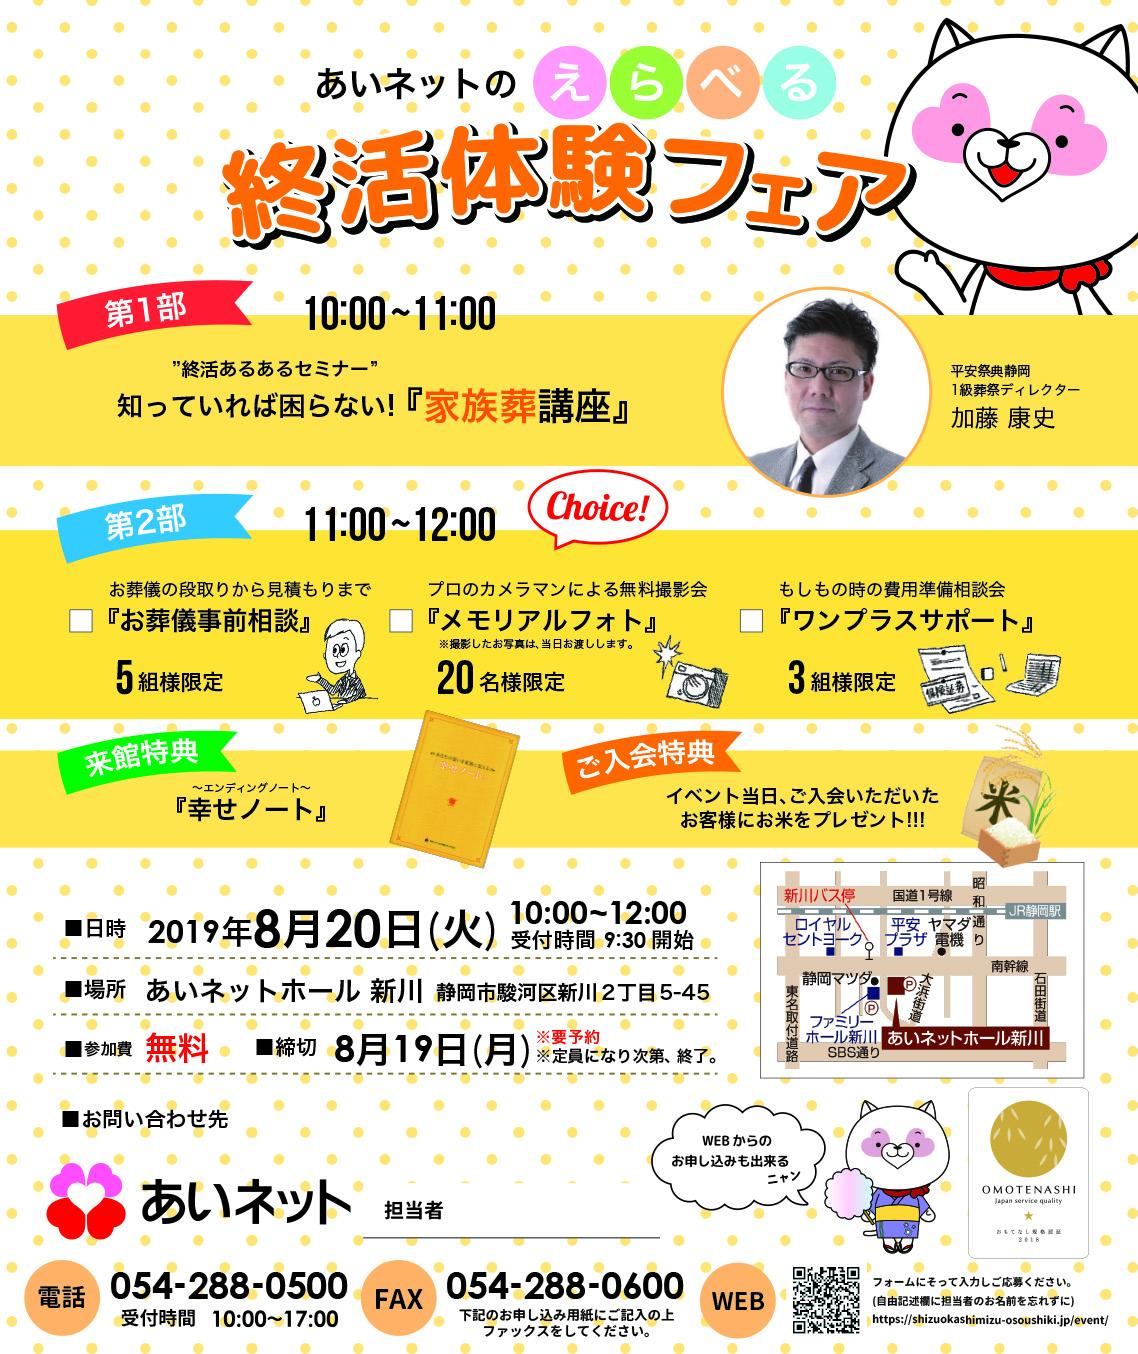 【8/20開催】あいネットのえらべる終活体験フェア